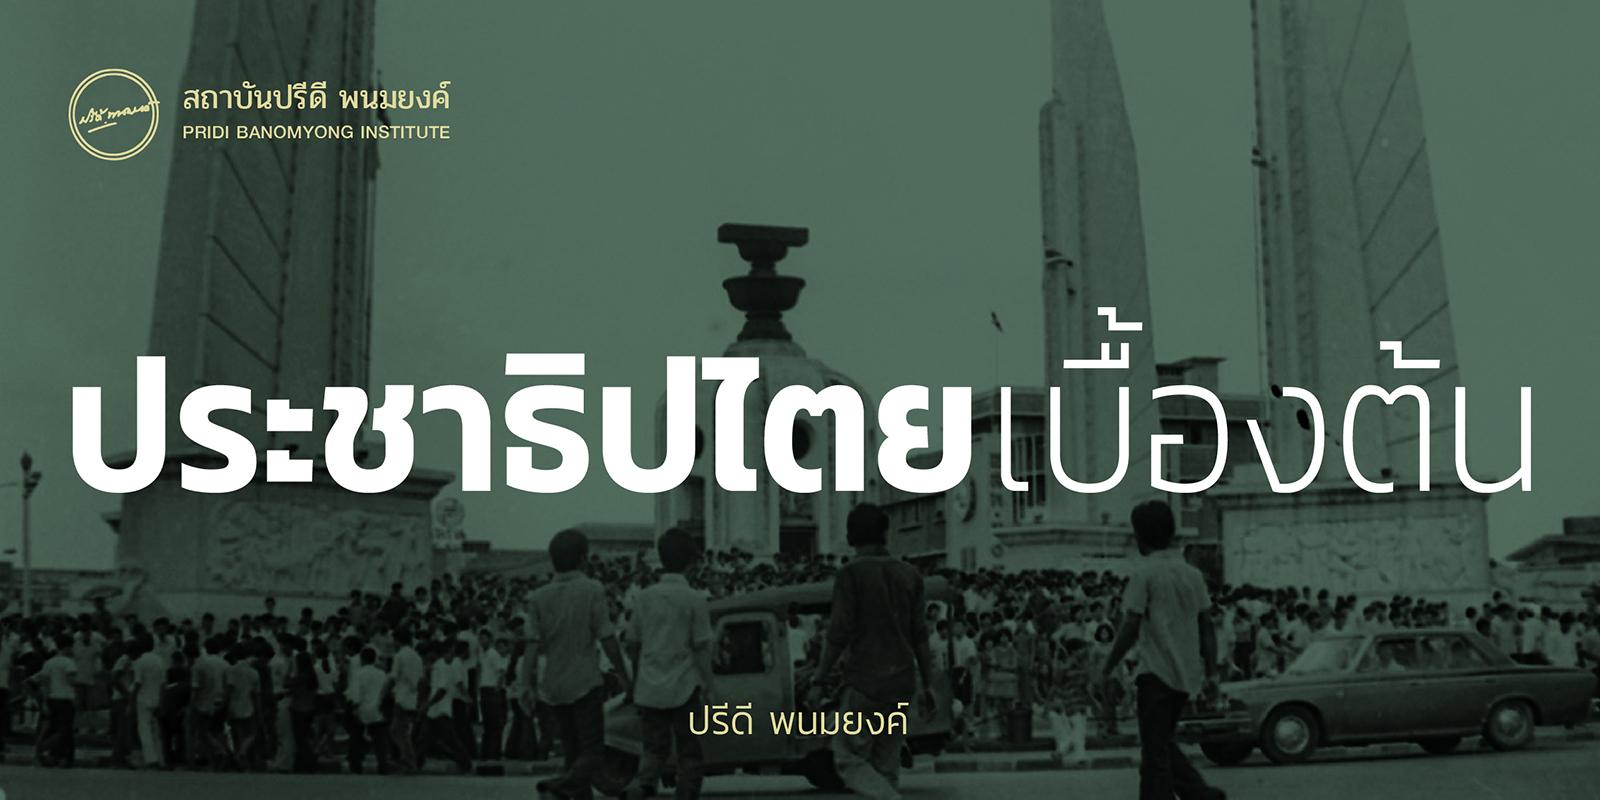 ประชาธิปไตยเบื้องต้น โดย ปรีดี พนมยงค์